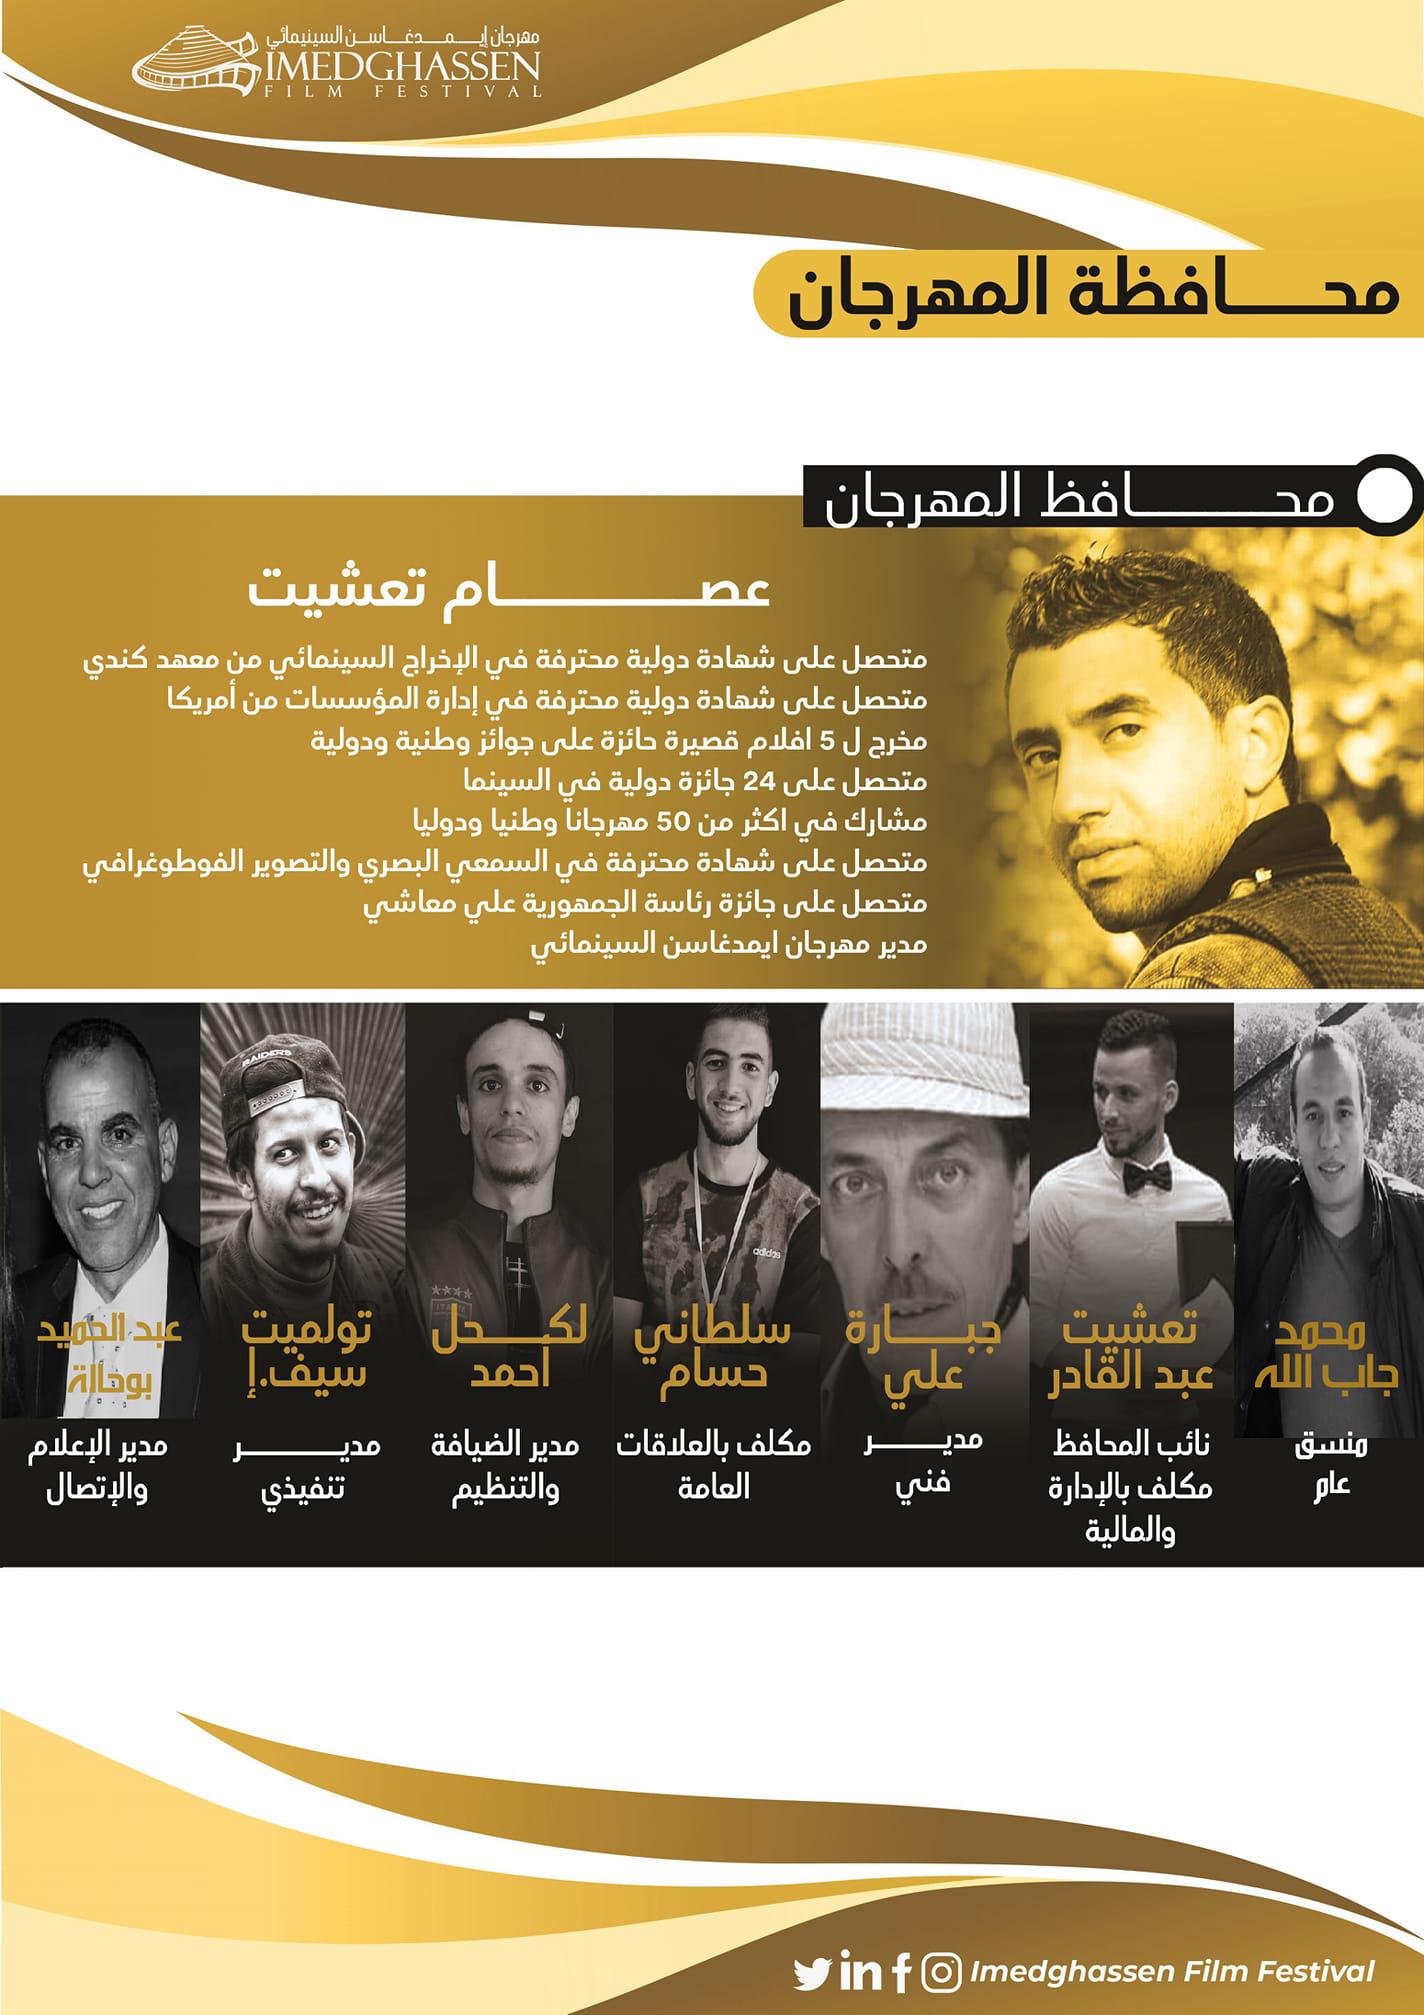 محافظة مهرجان إيمدغاسن السينمائي الدولي تستقبل 380فيلما